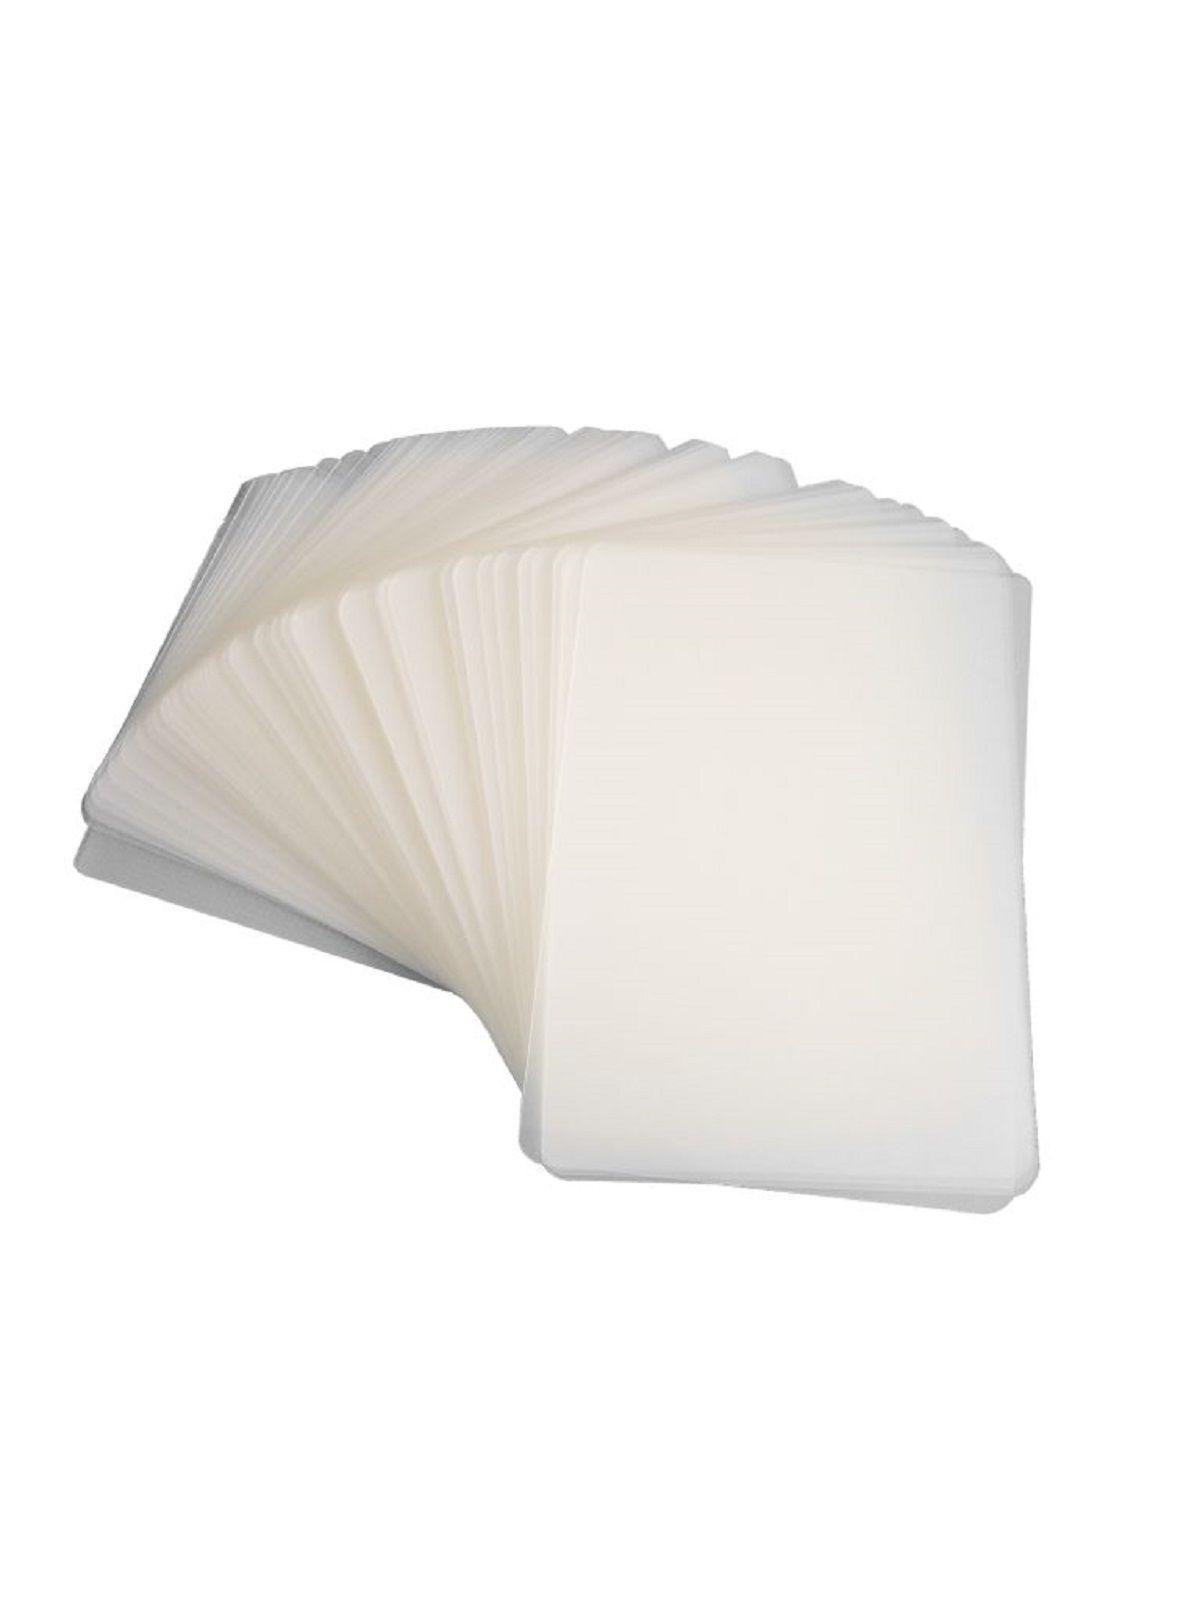 Polaseal para Plastificação 1/2 Oficio 170x226x0,05mm (125 micras) - Pacote com 20 unidades  - Click Suprimentos